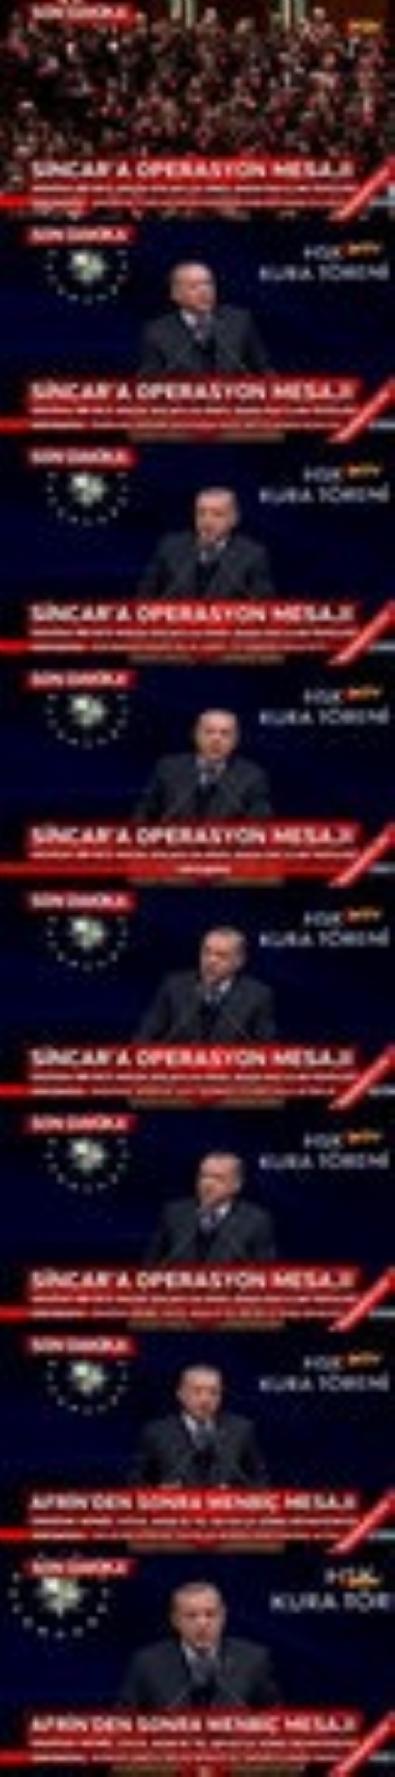 Cumhurbaşkanı Erdoğan'dan Sincar'a operasyon mesajı